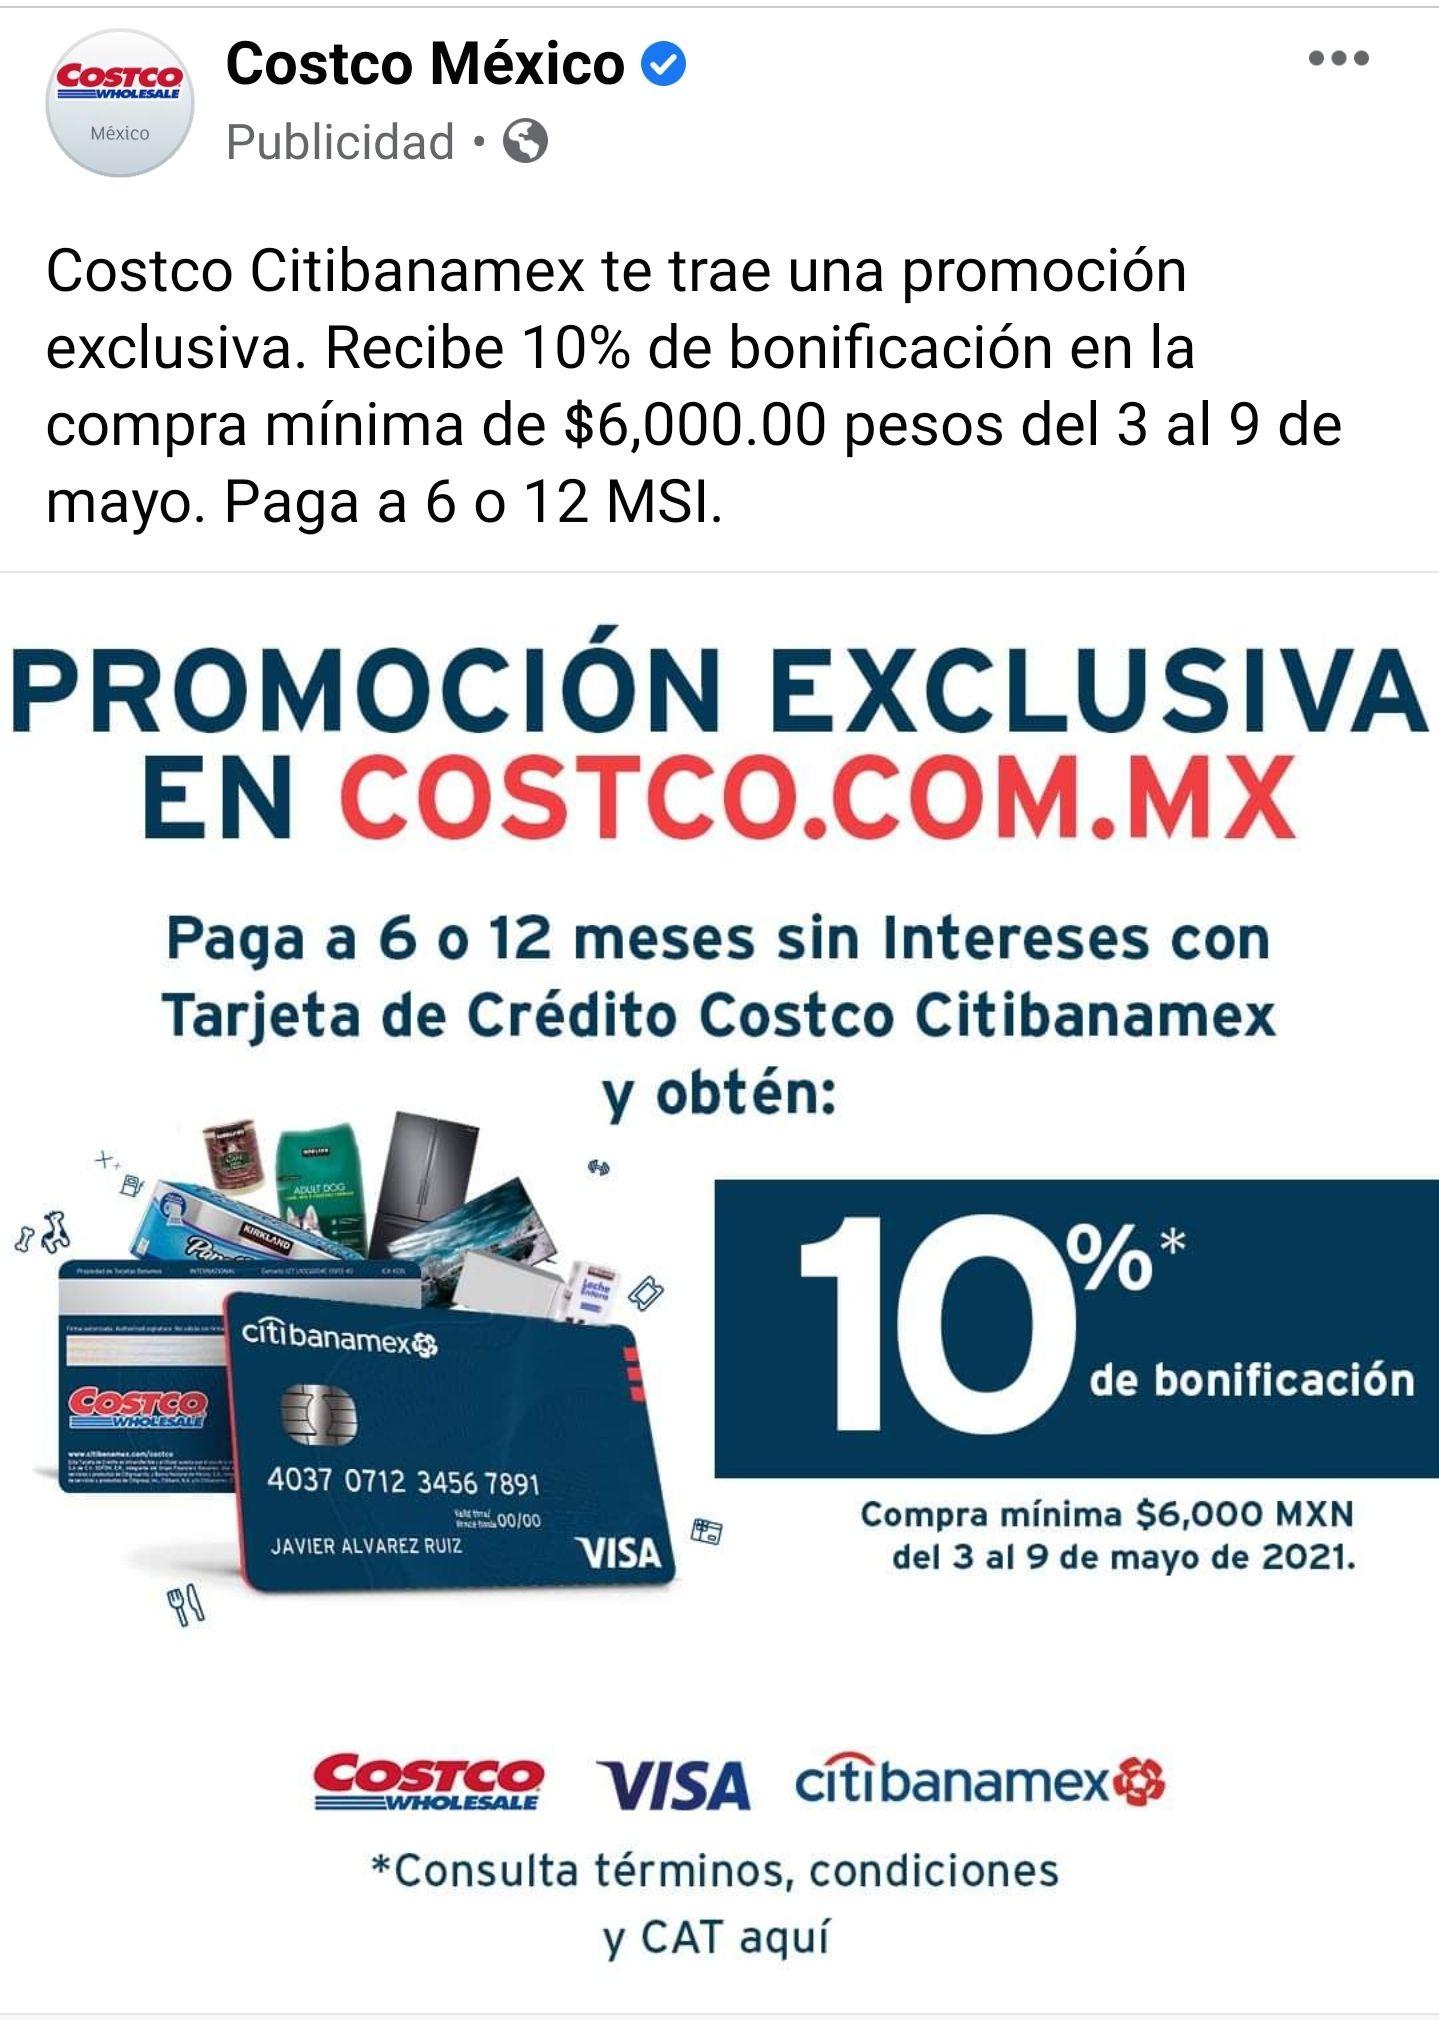 Bonificación en Costco 10% con citibanamex